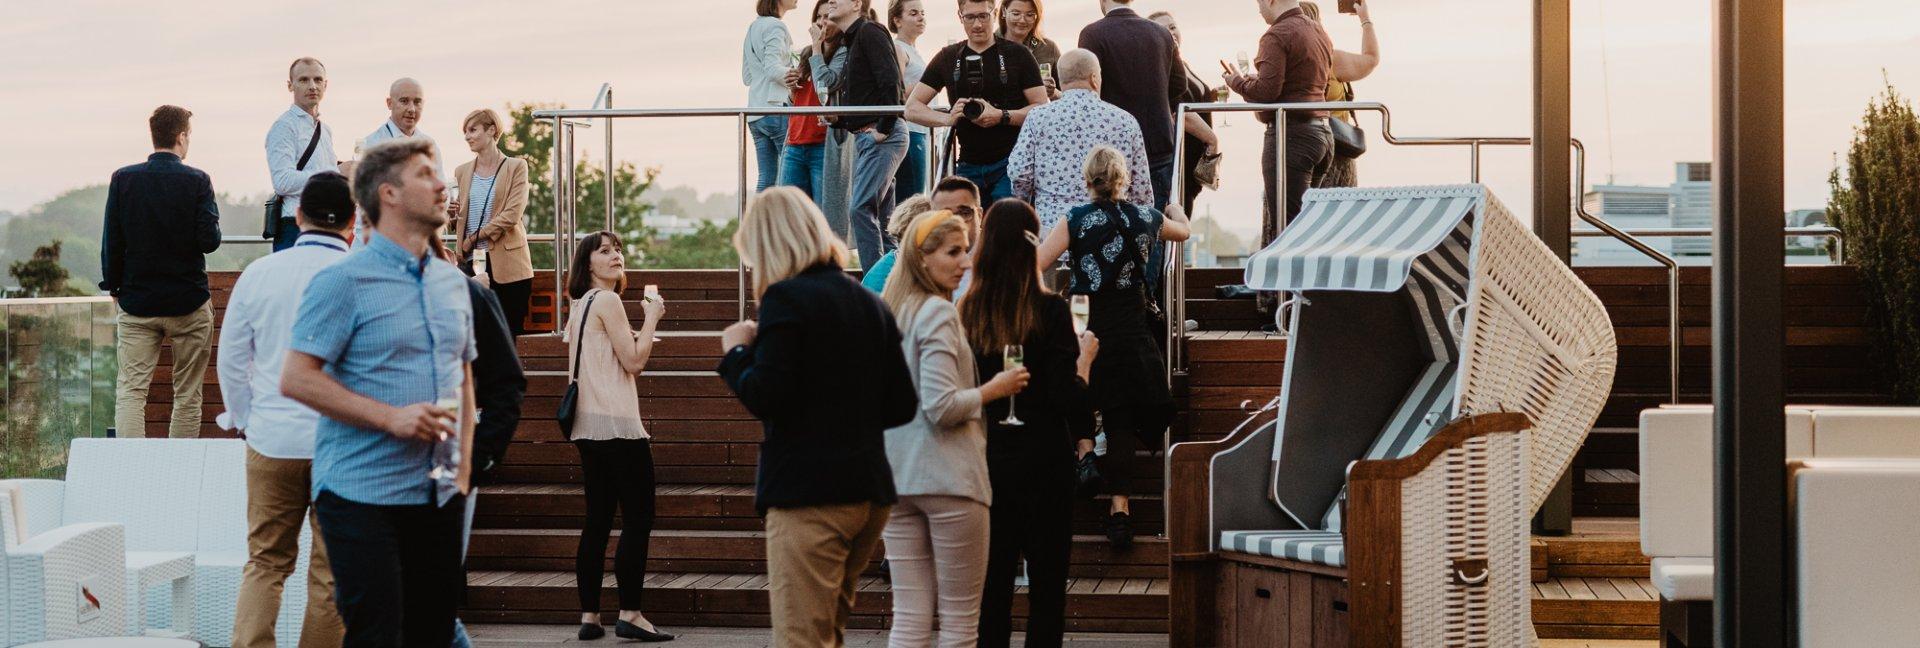 Imprezy firmowe i integracyjne w Gwieździe Morza